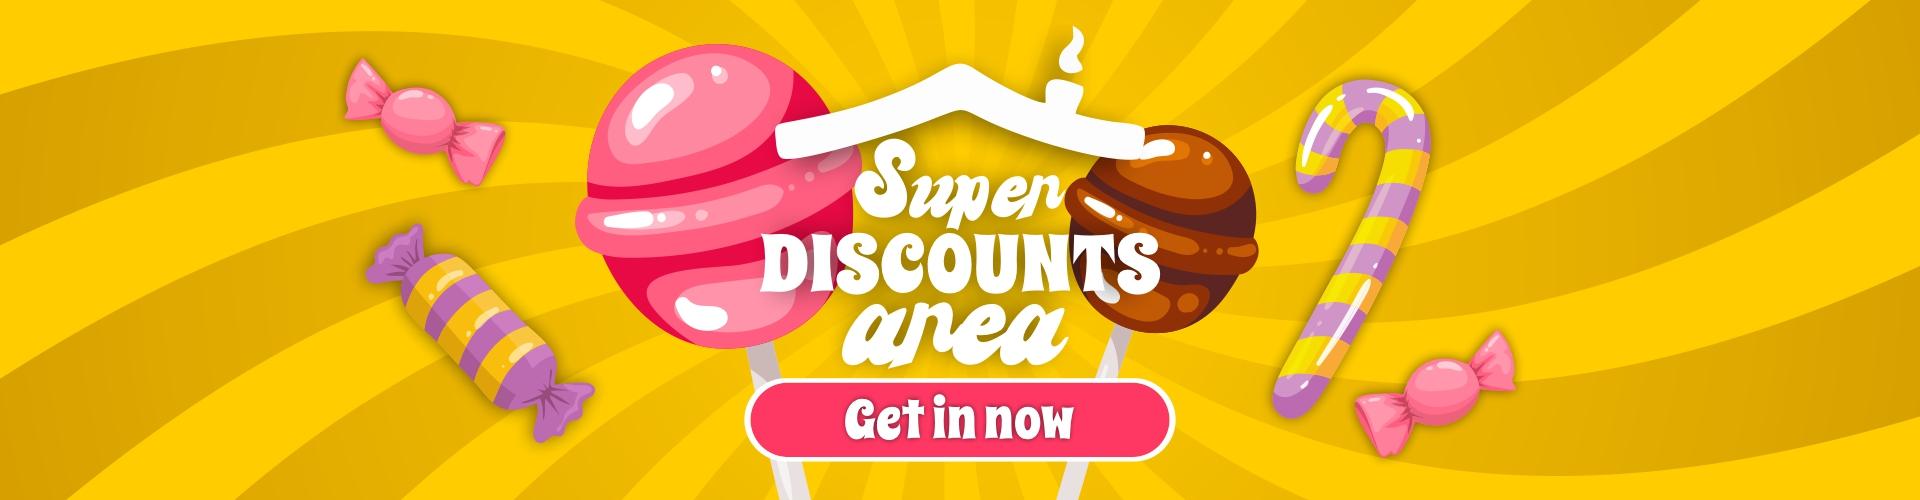 Super discounts area